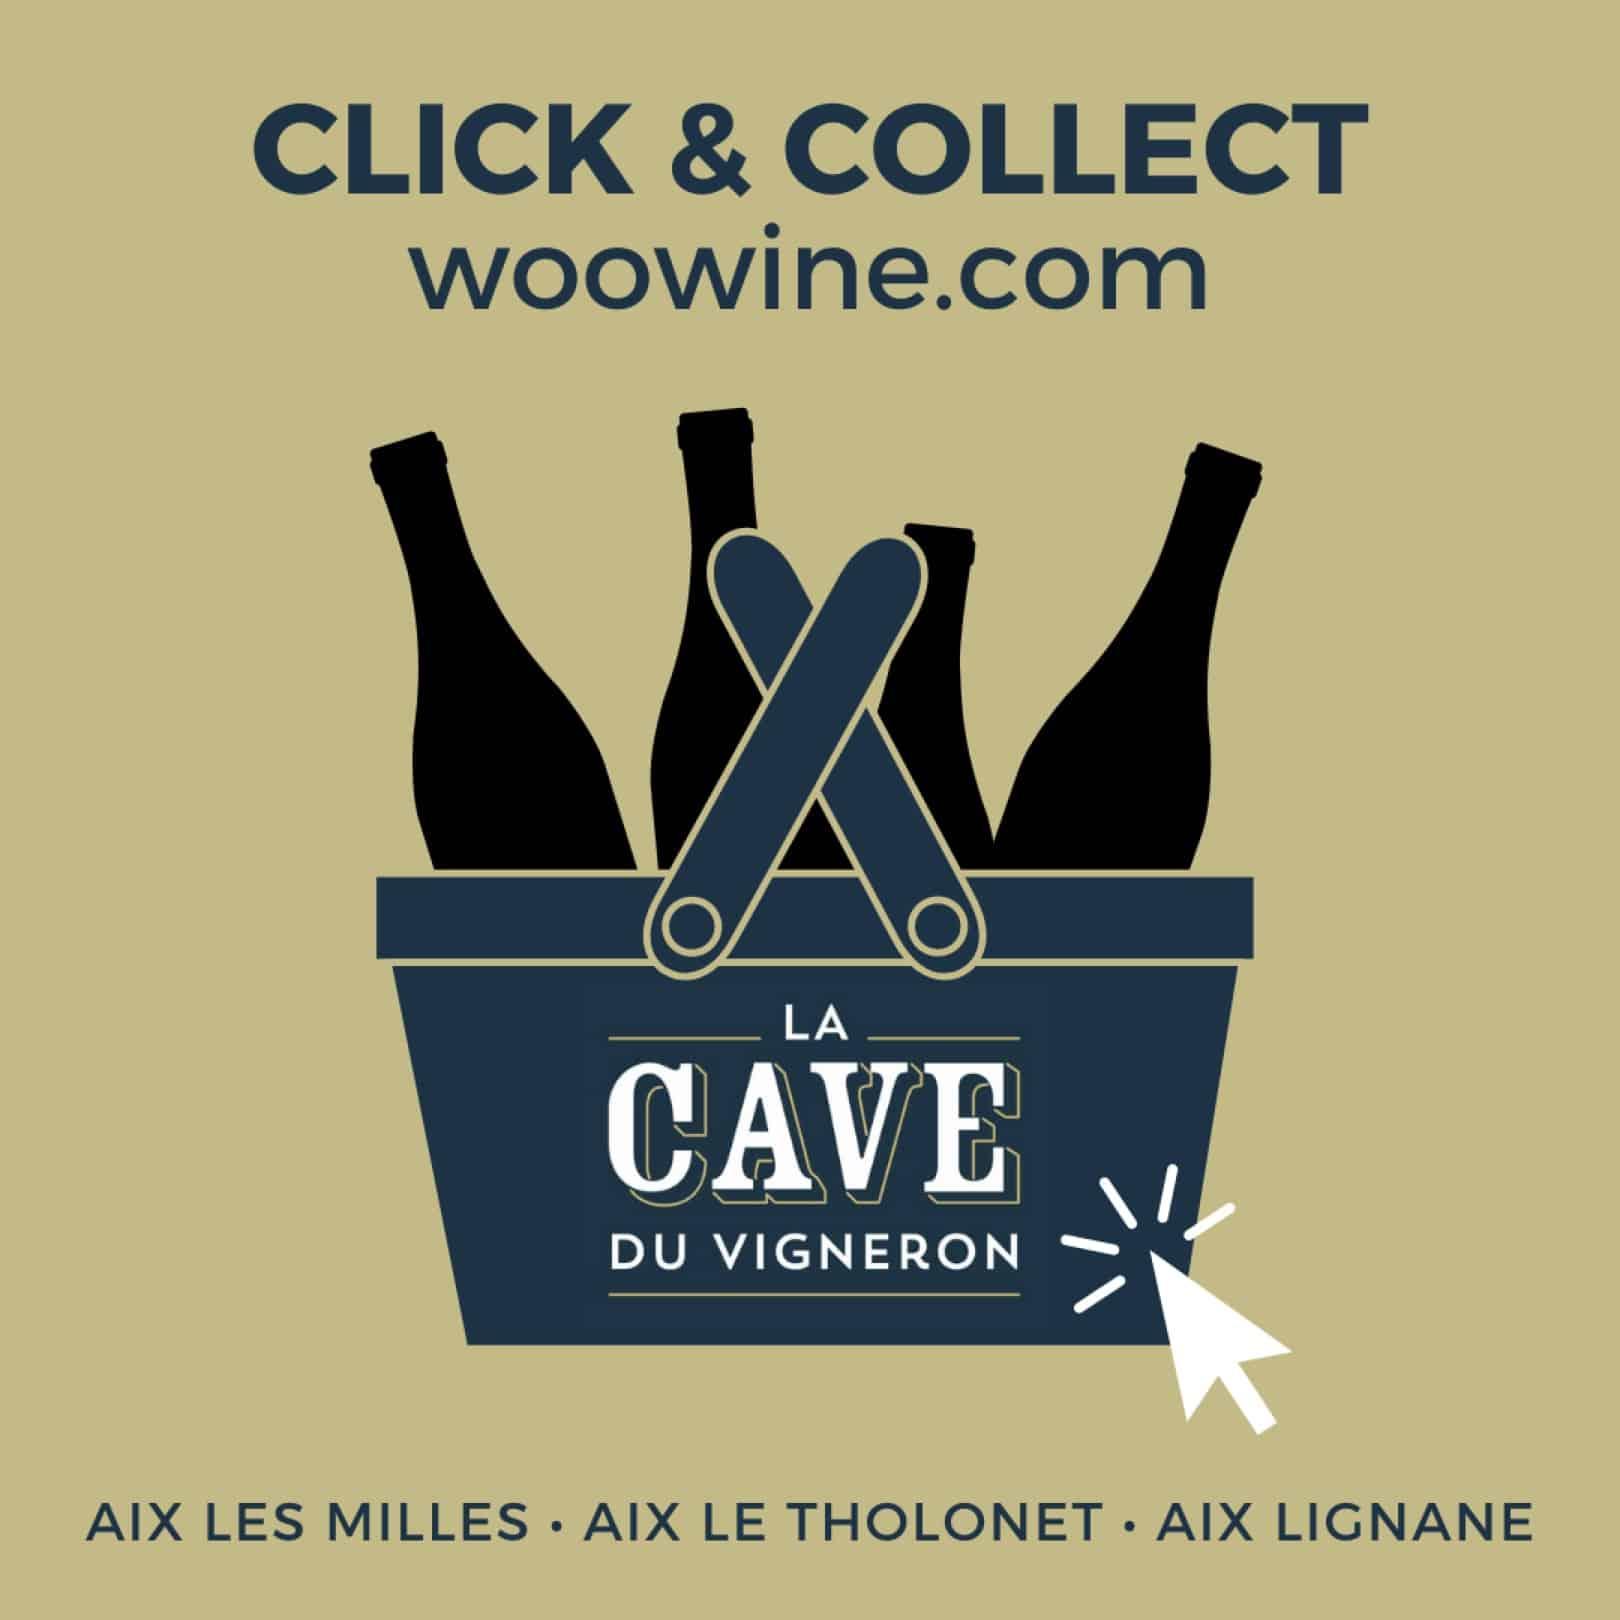 logo click & collect